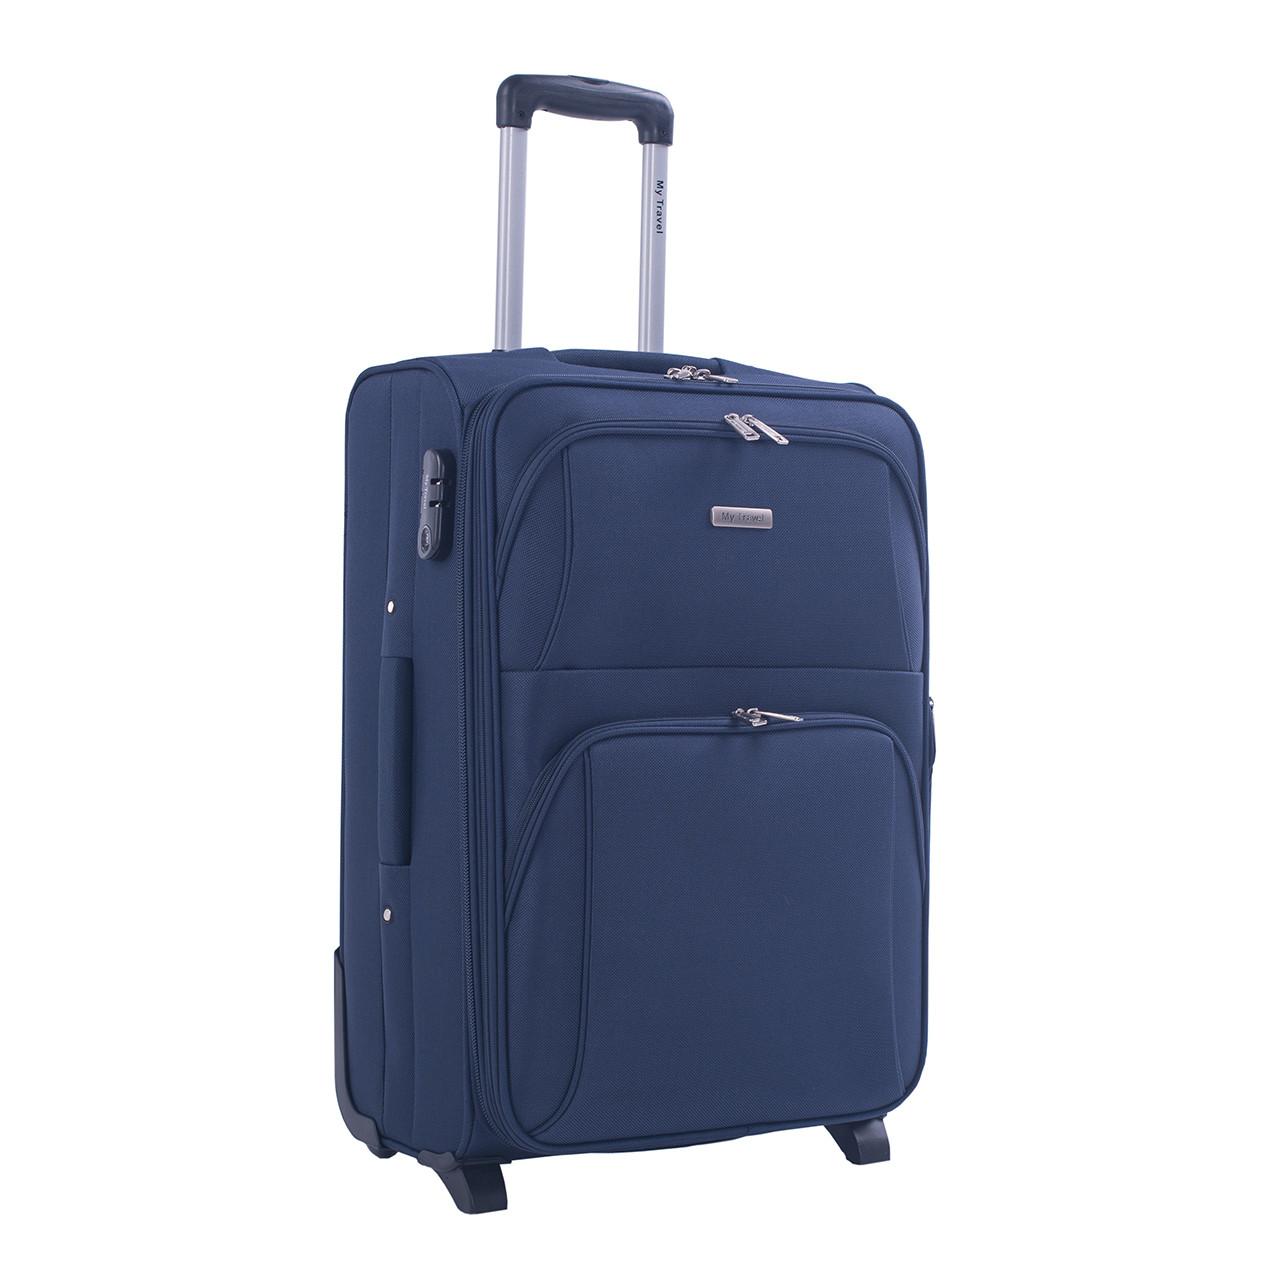 Чемодан средний MY TRAVEL синий с расширением  ксА-190-24син